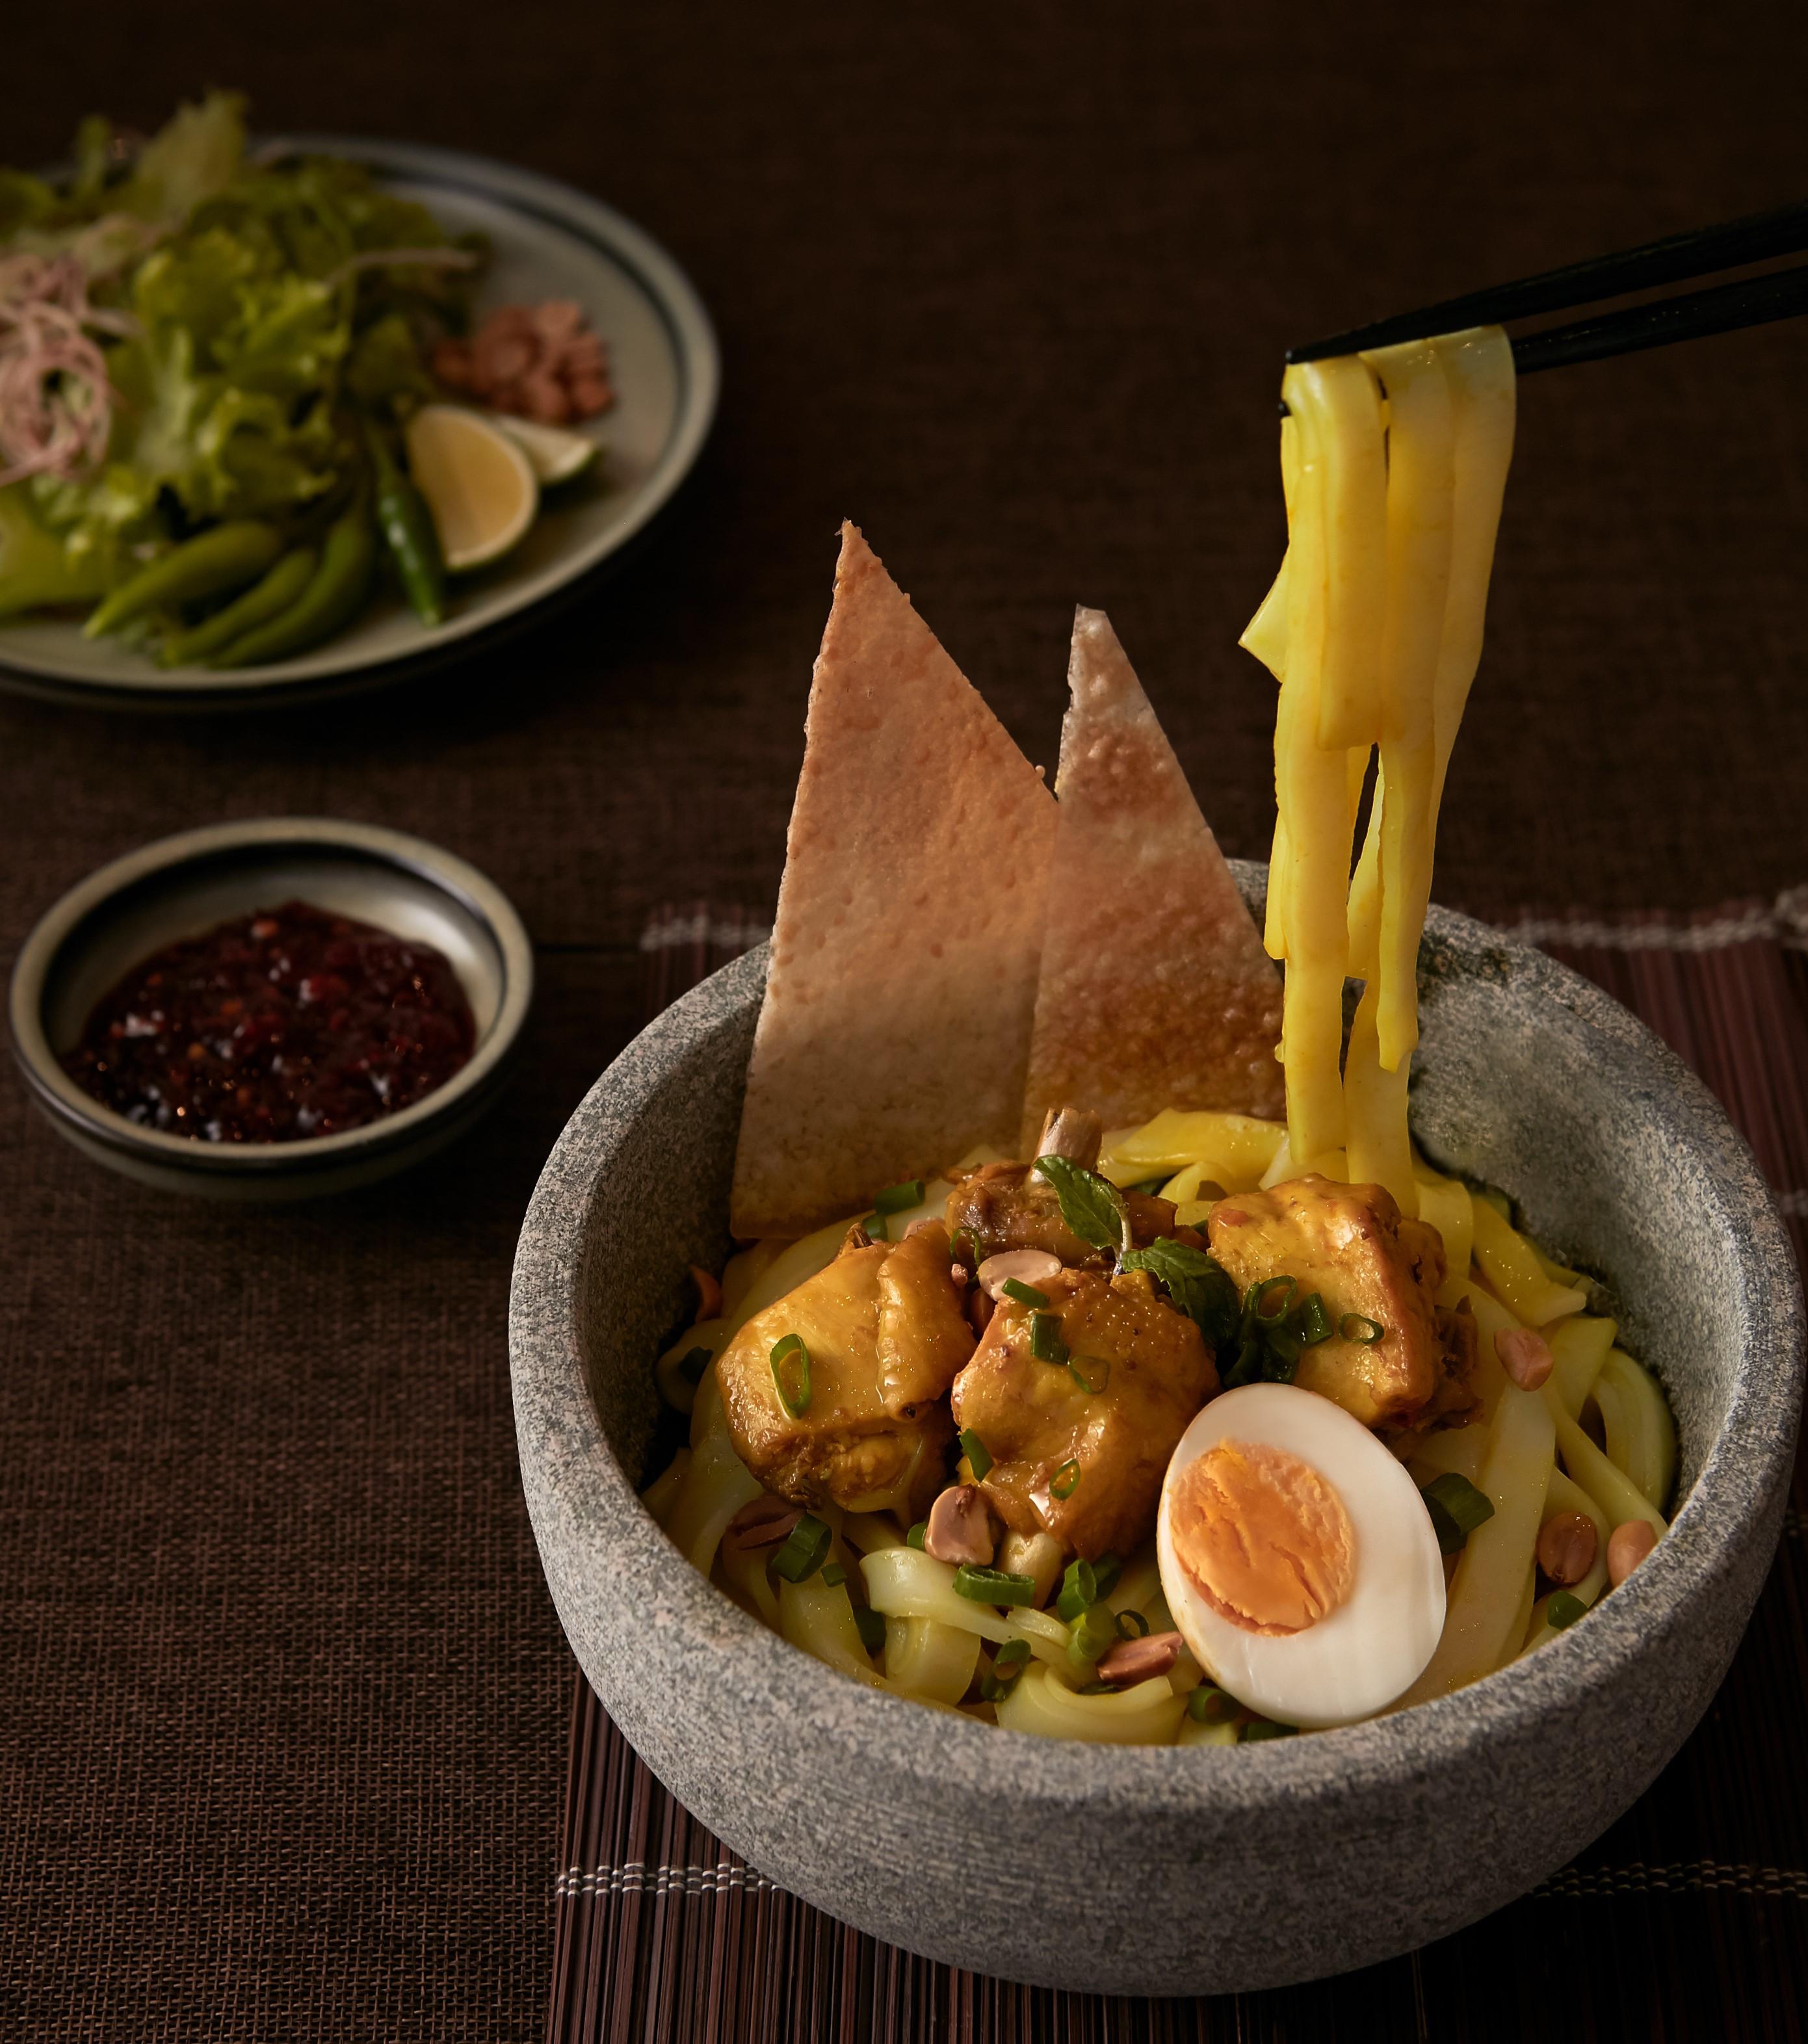 Cuisine at LÁ HẸ restaurant